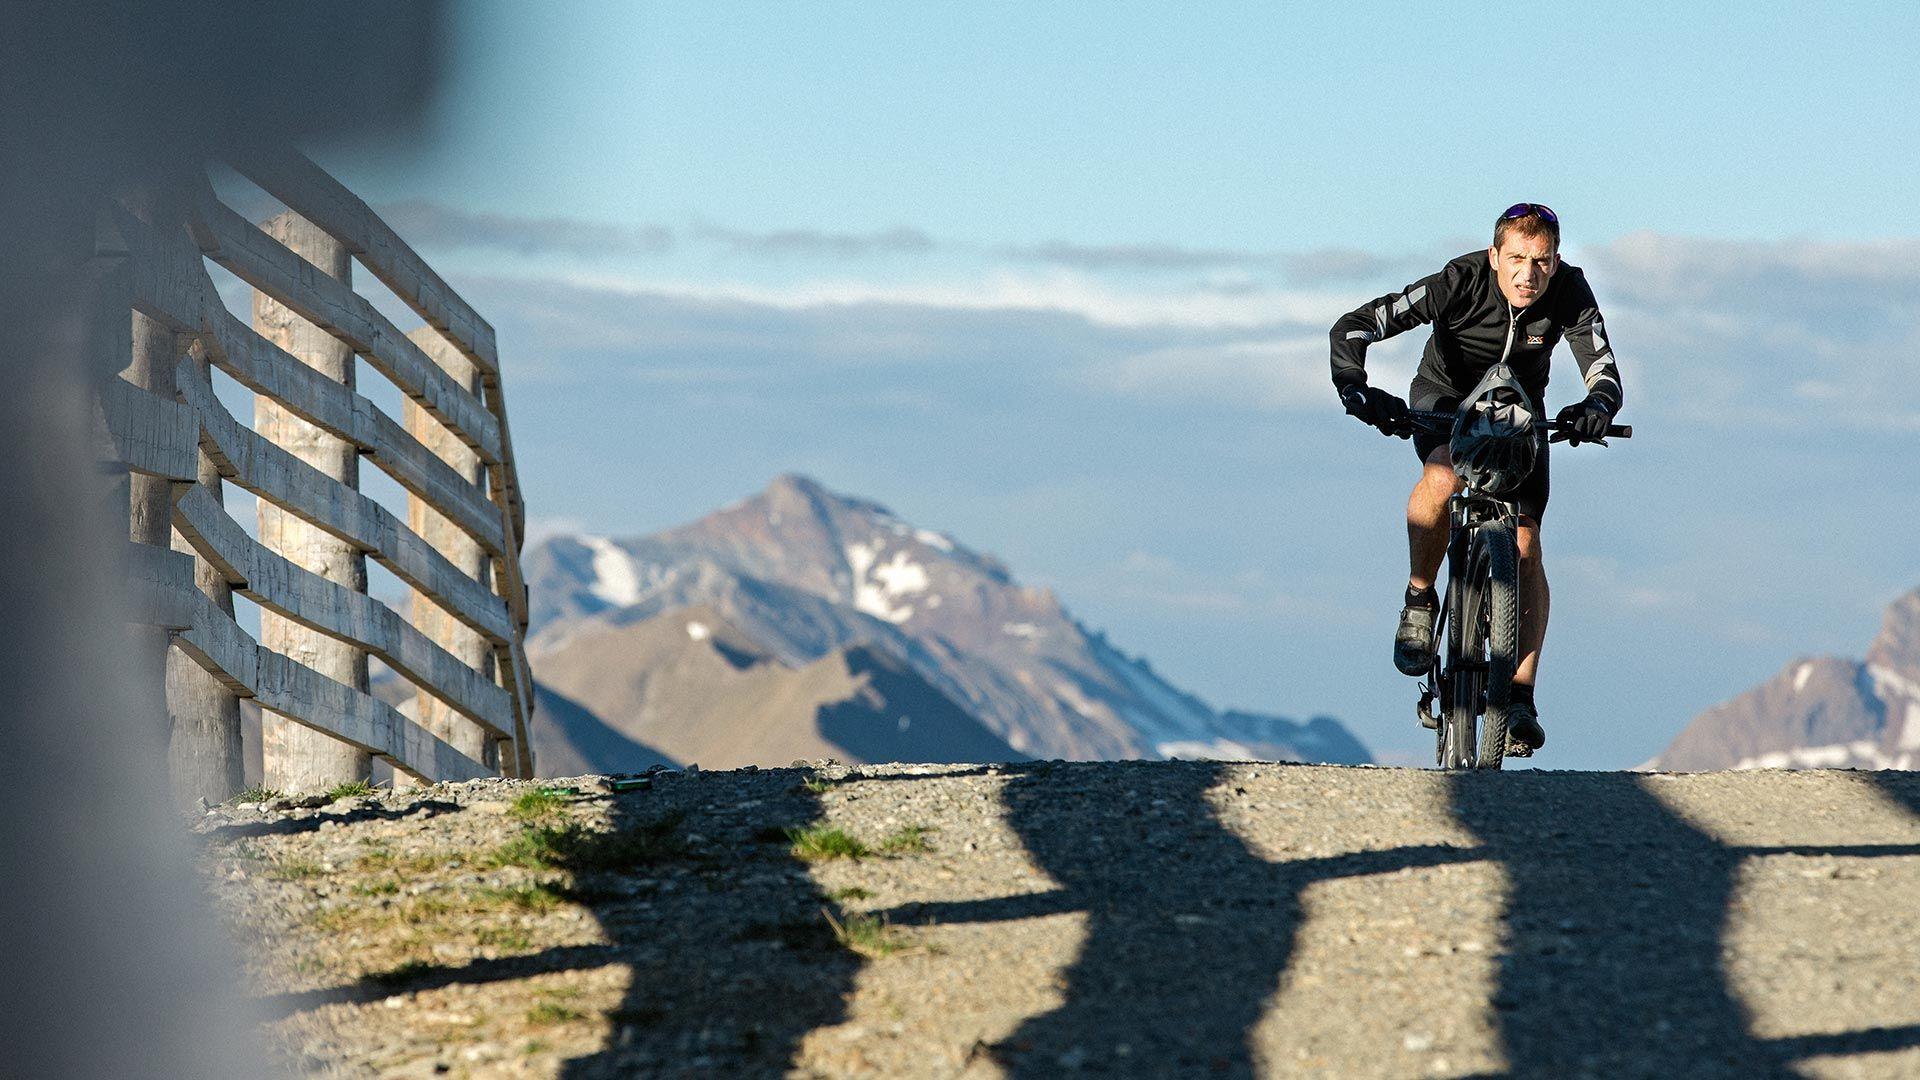 Mountainbike-Spaß pur Grenzen erfahren mit Patrick Heis